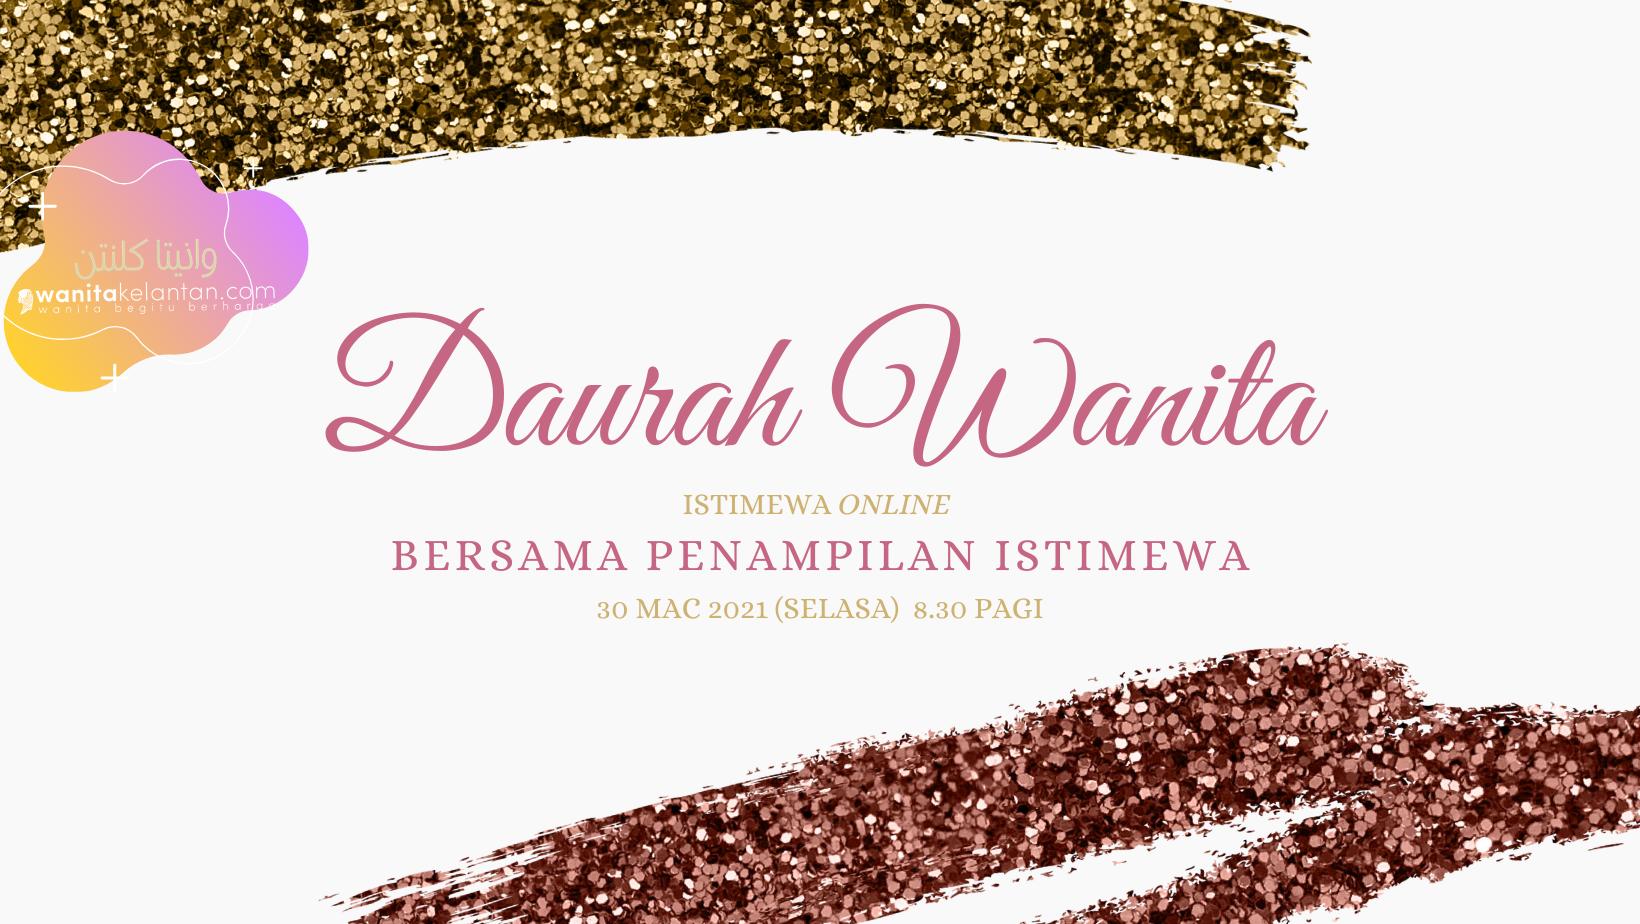 Siri Daurah Wanita Istimewa Online